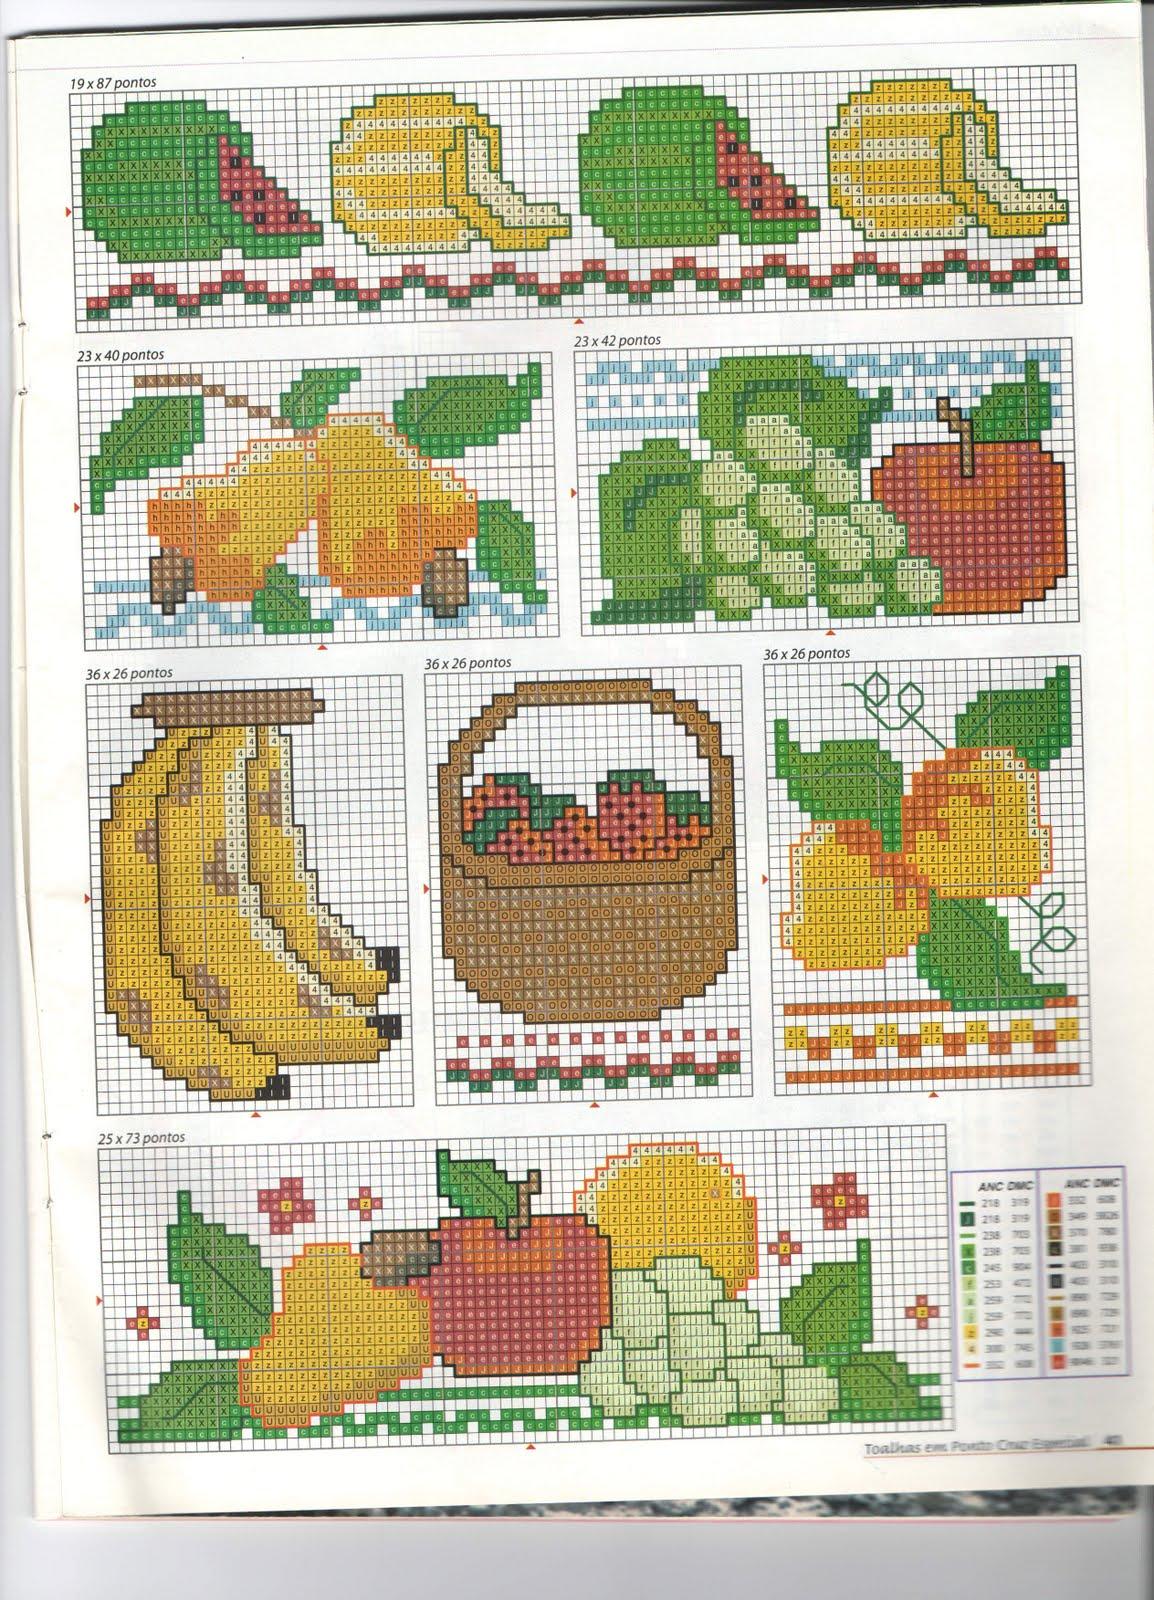 Fatinha Bordados: Gráficos de frutas e legumes